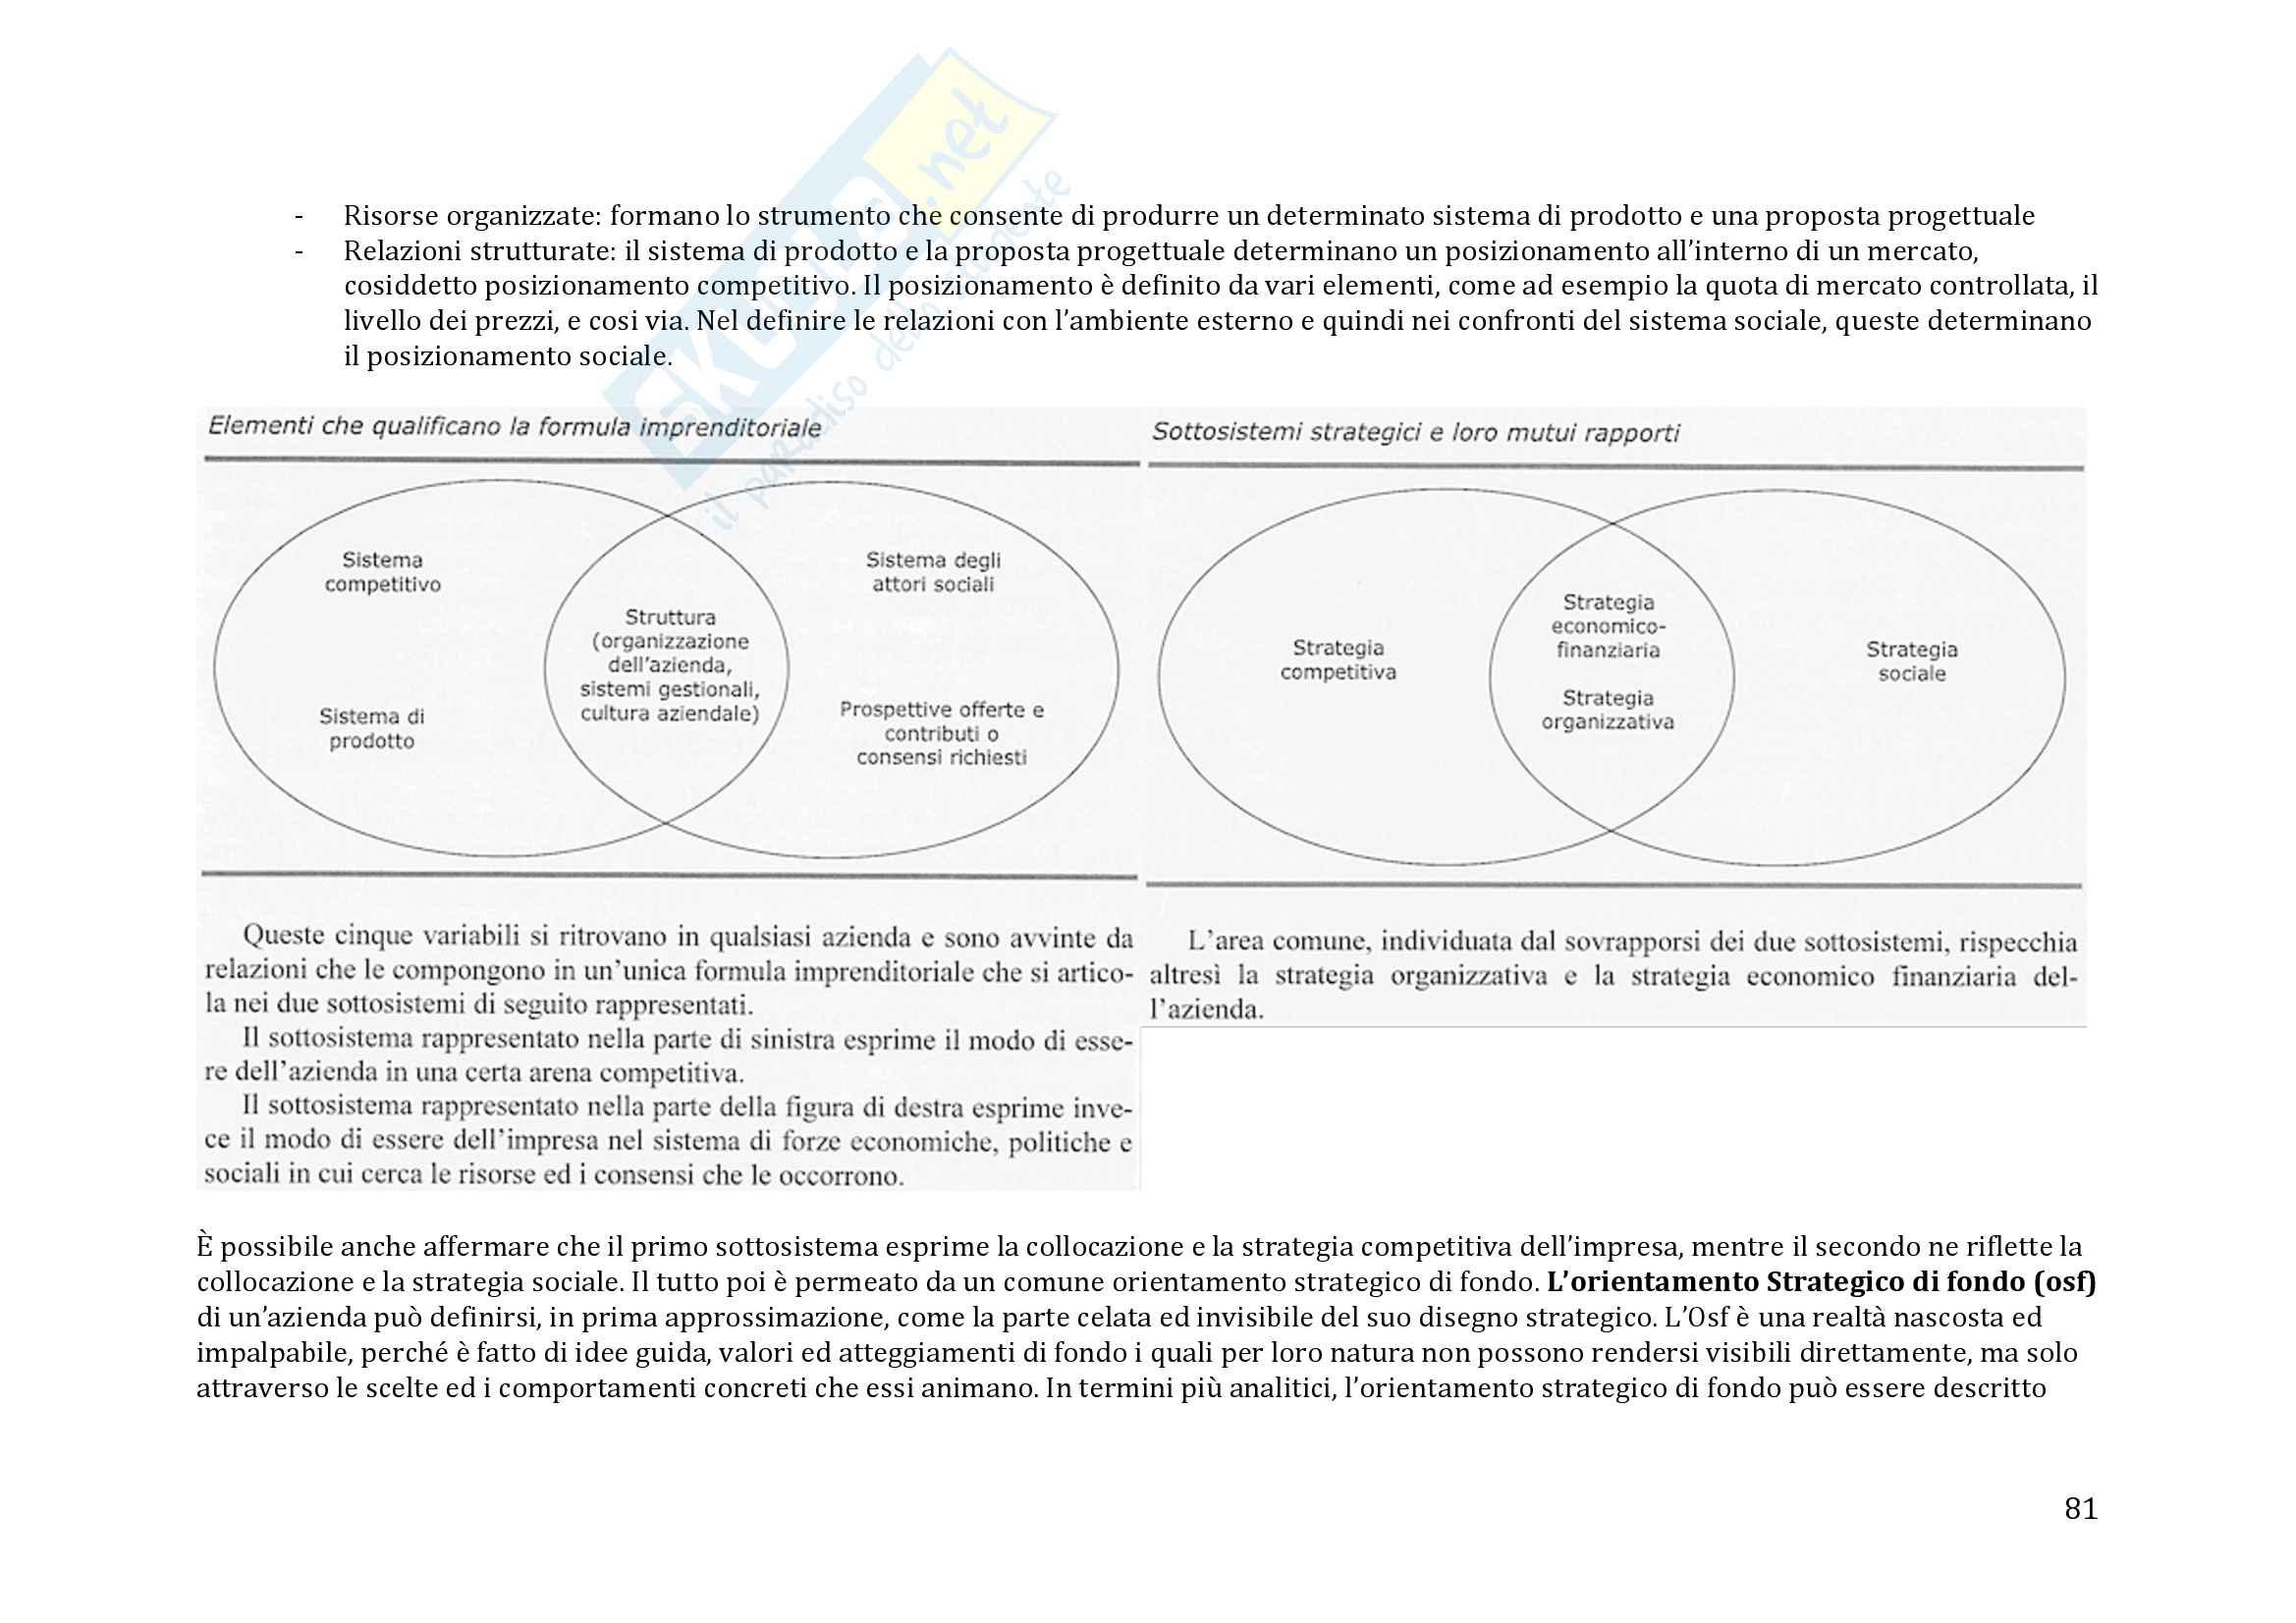 Riassunto esame Economia Aziendale - Michele Galeotti Pag. 81